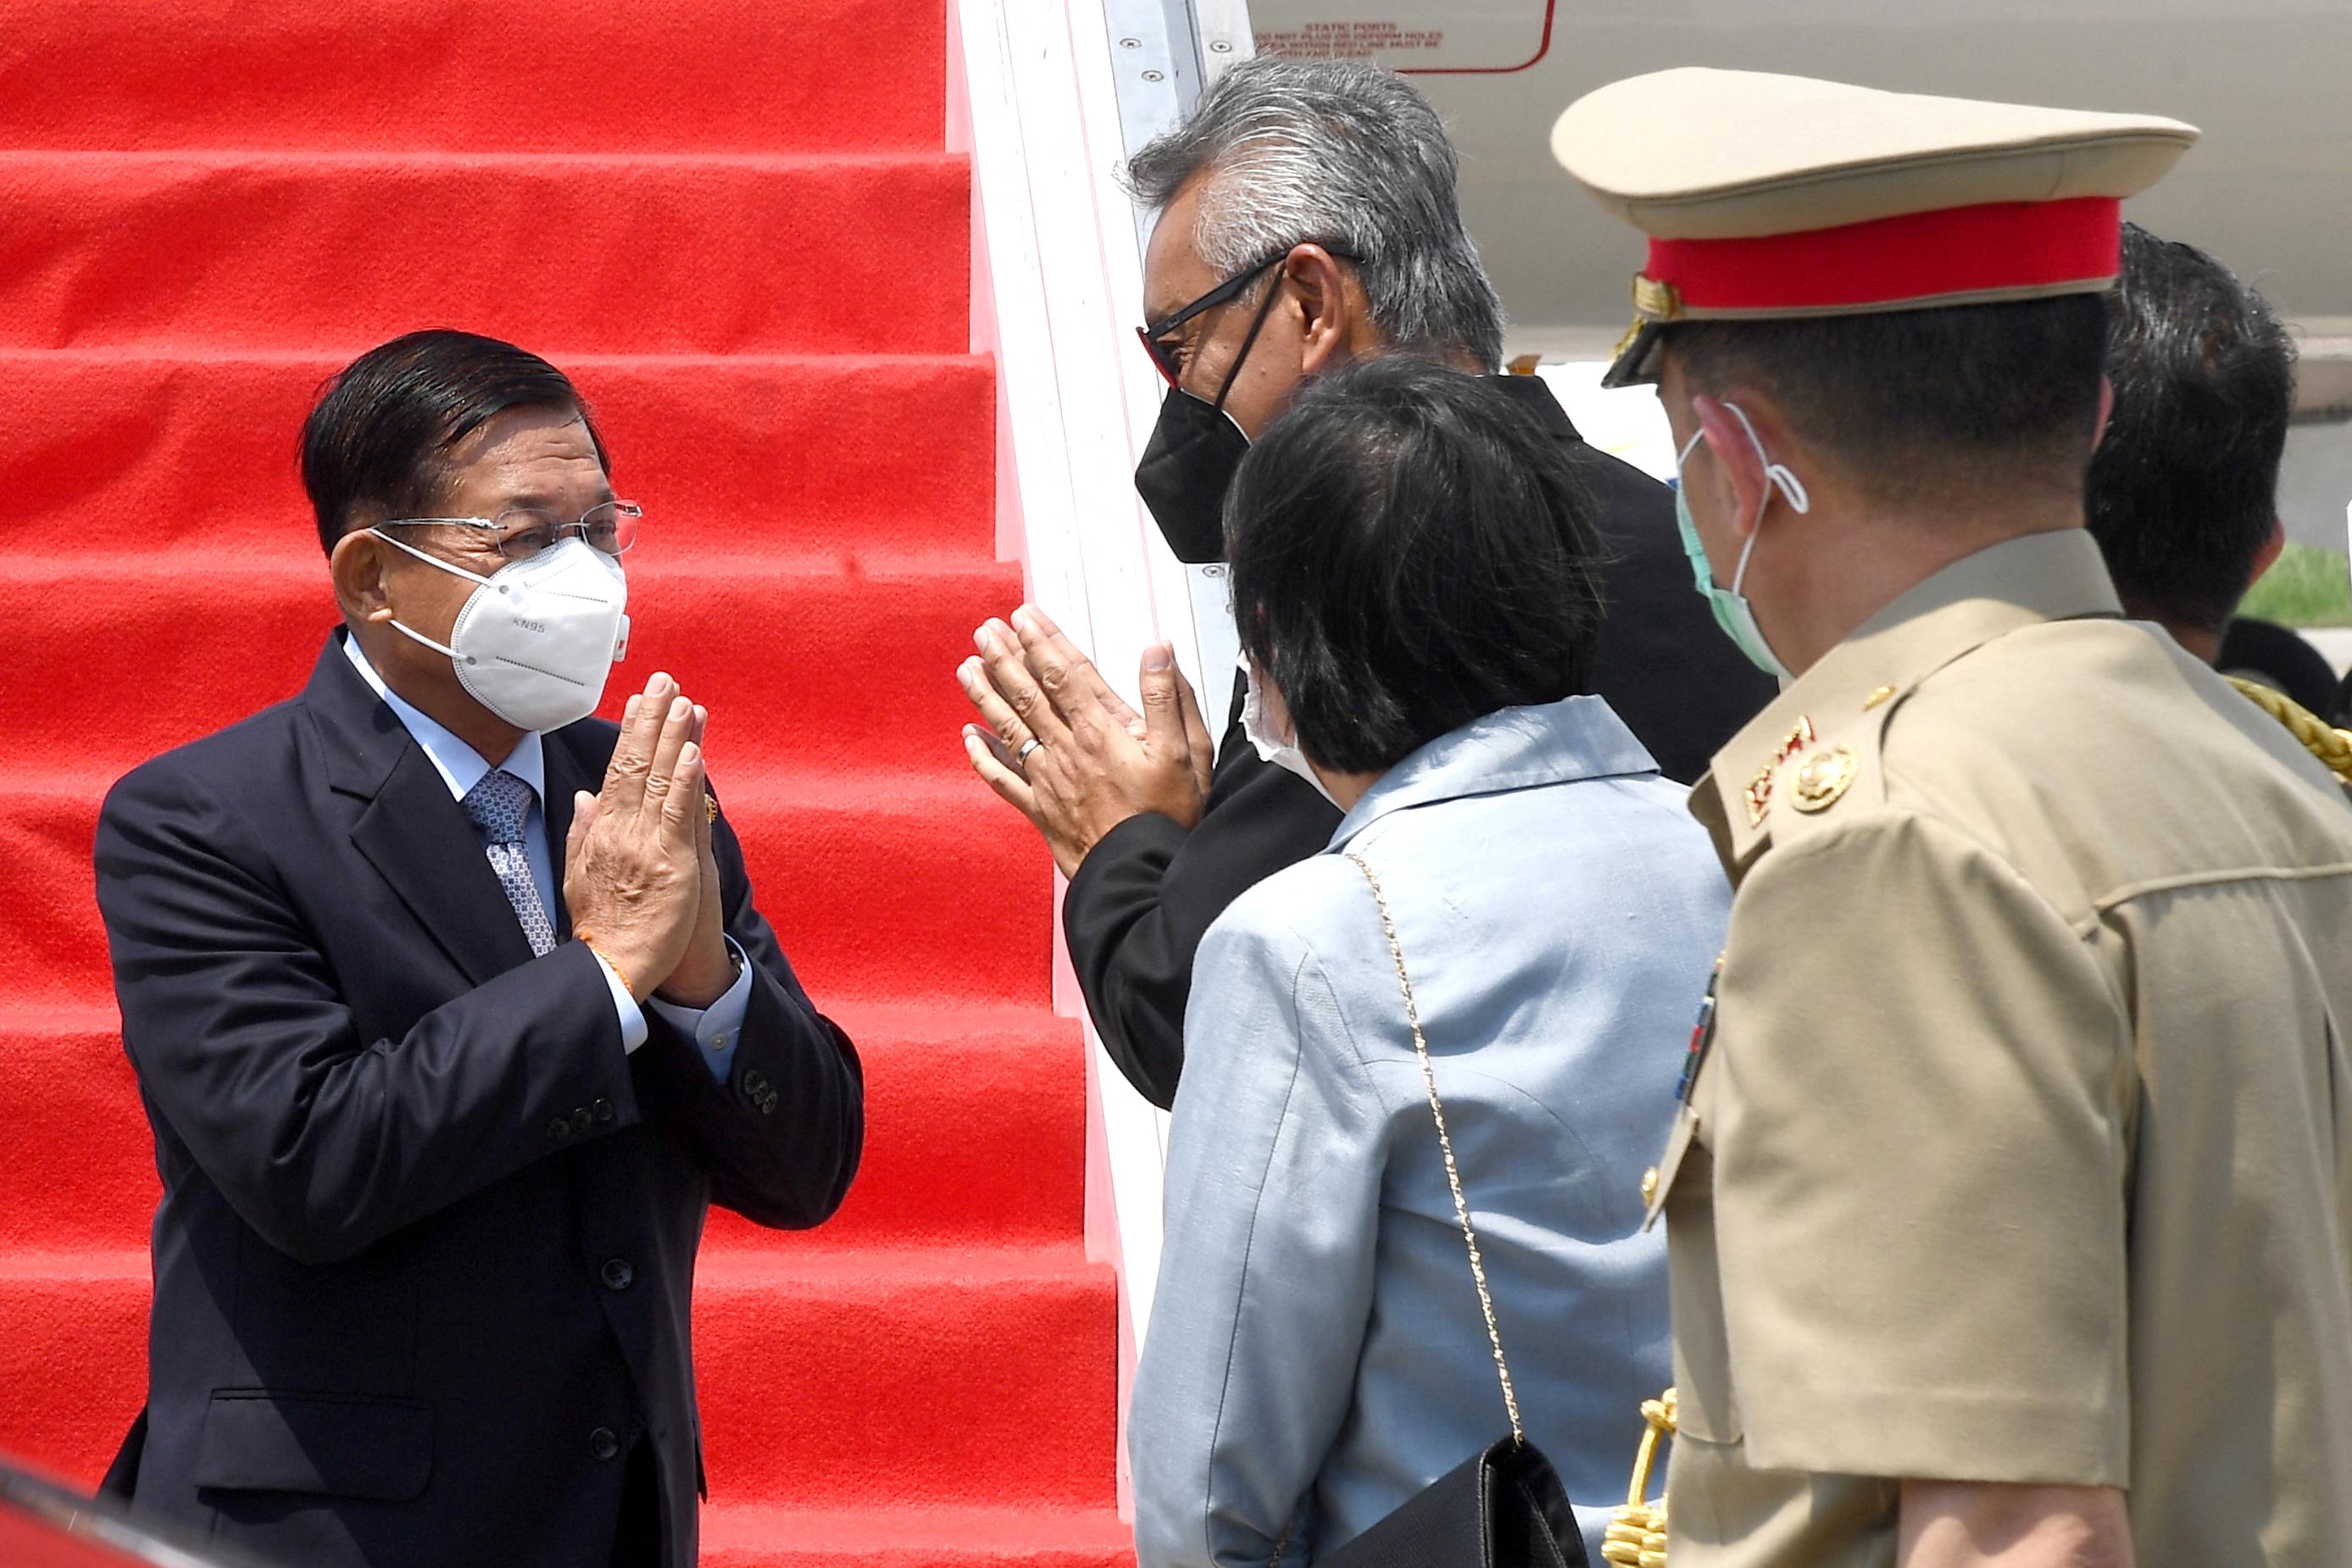 Megkérték a mianmari junta vezetőjét, hogy ne gyilkoltasson már meg több embert